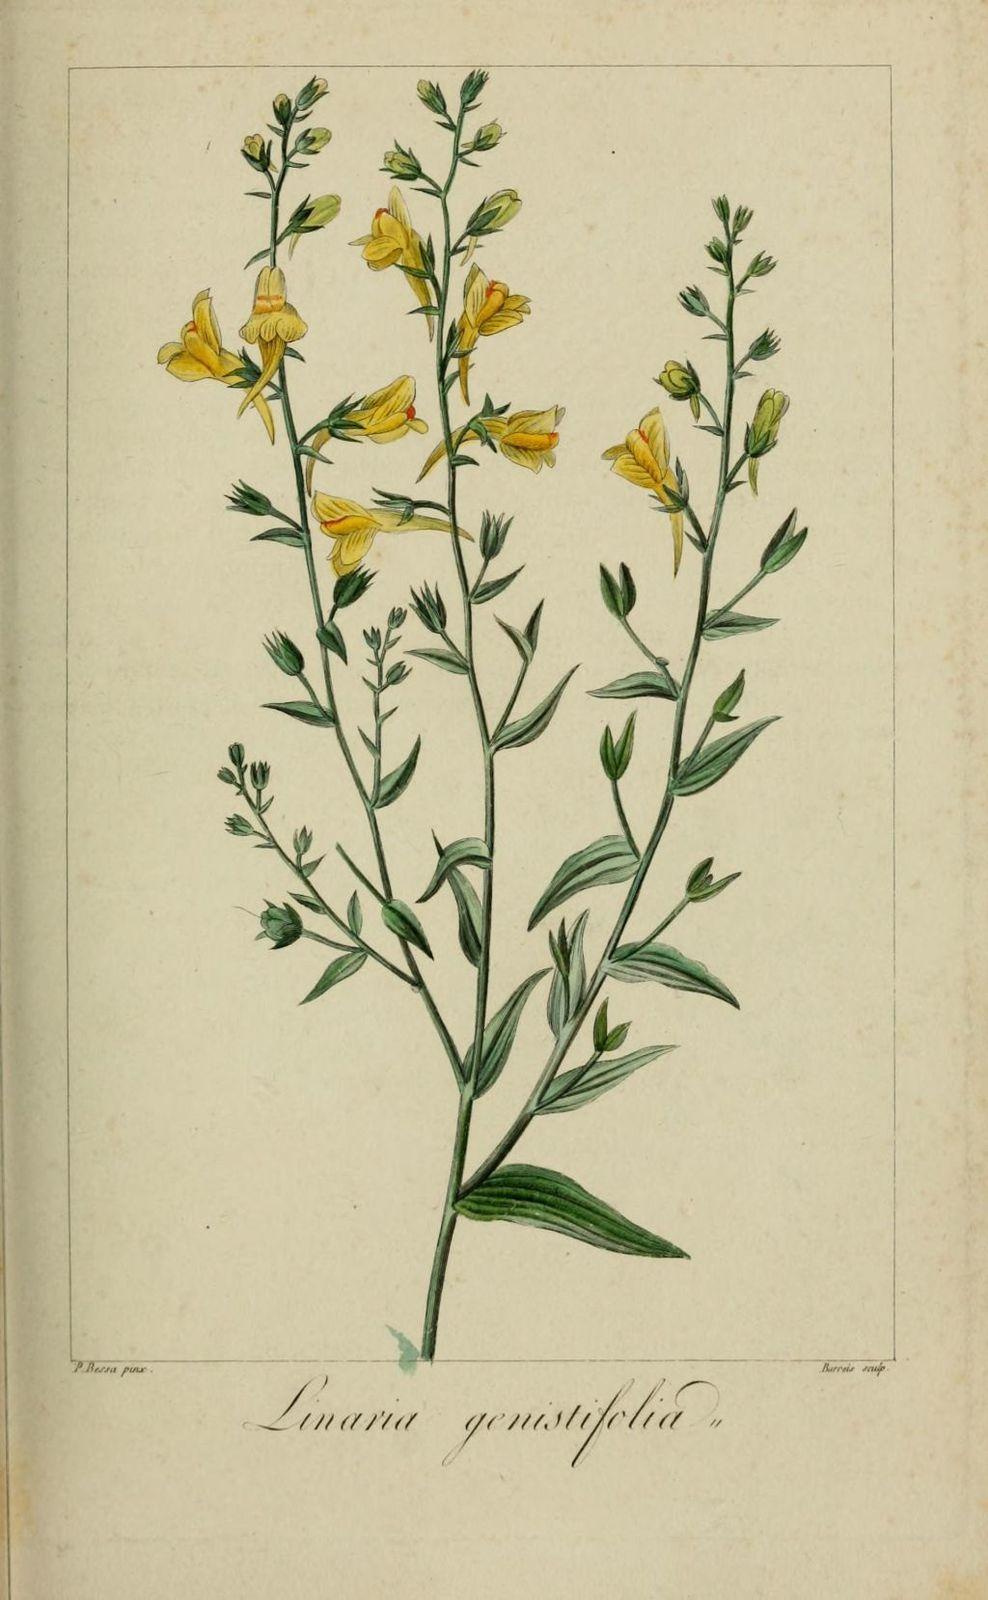 60249 linaire a feuilles de genet - linaria genistifolia